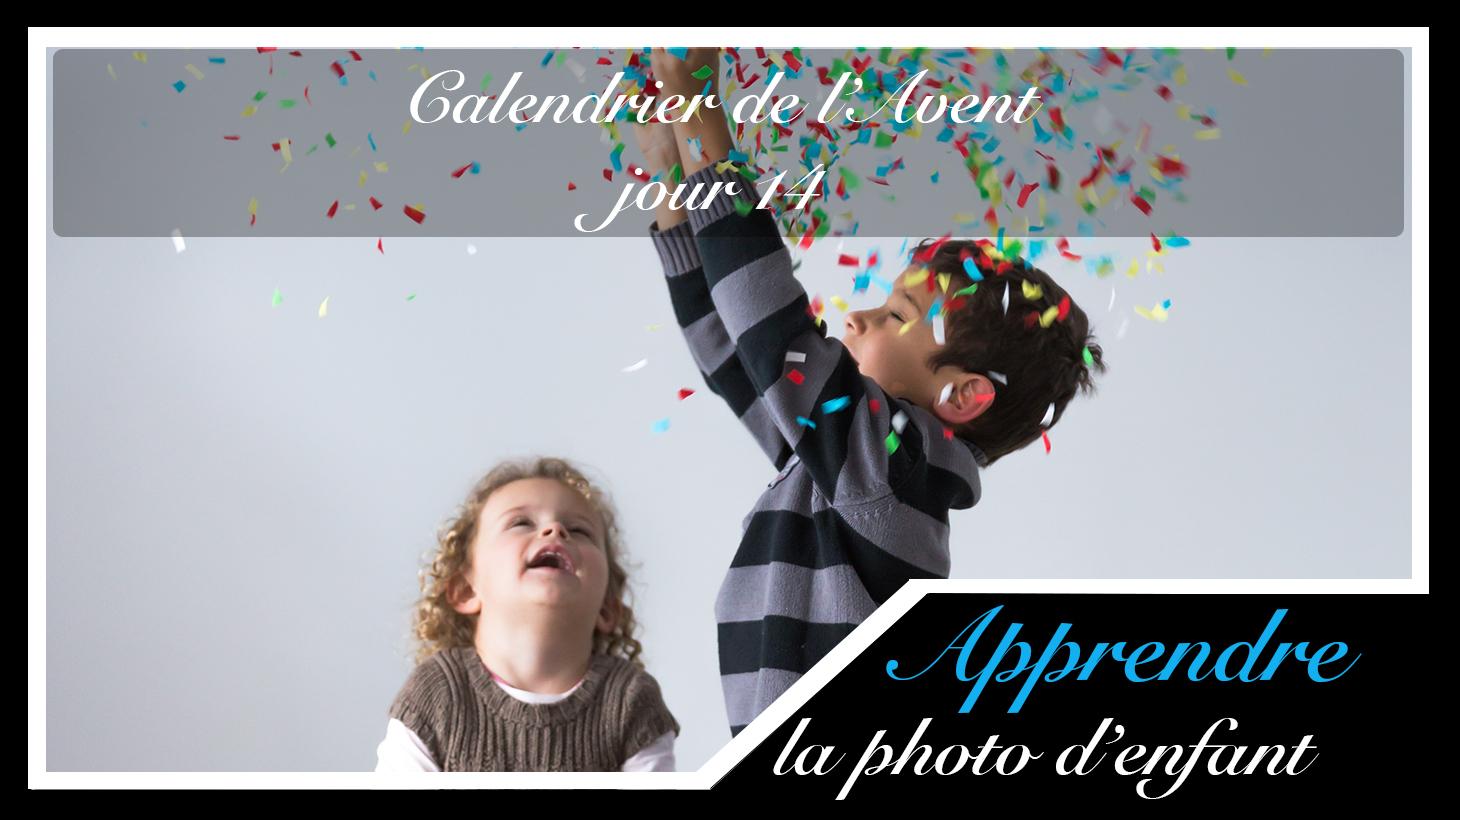 Jour 14 – Calendrier de l'Avent spécial Photo d'enfant